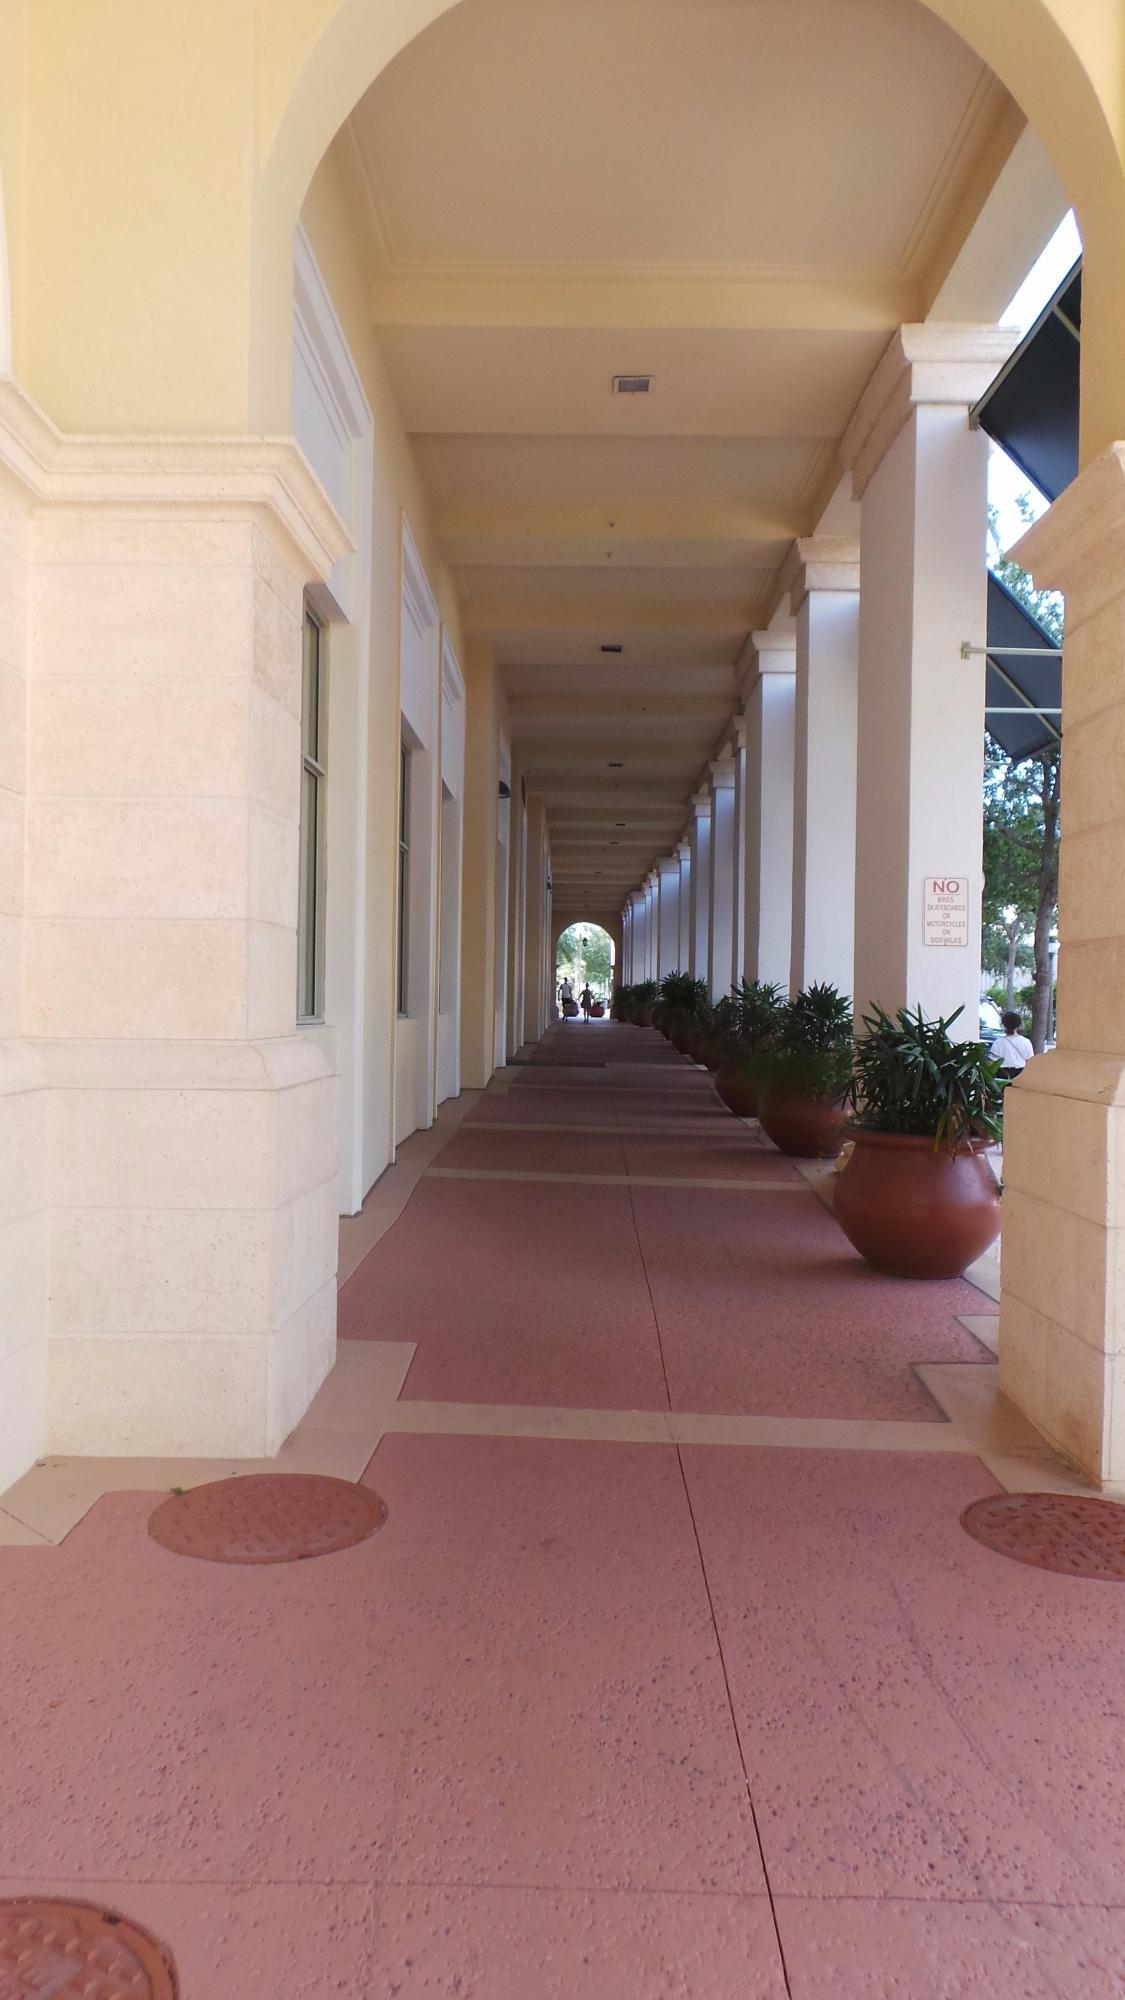 610 Clematis Street 625 West Palm Beach, FL 33401 photo 67